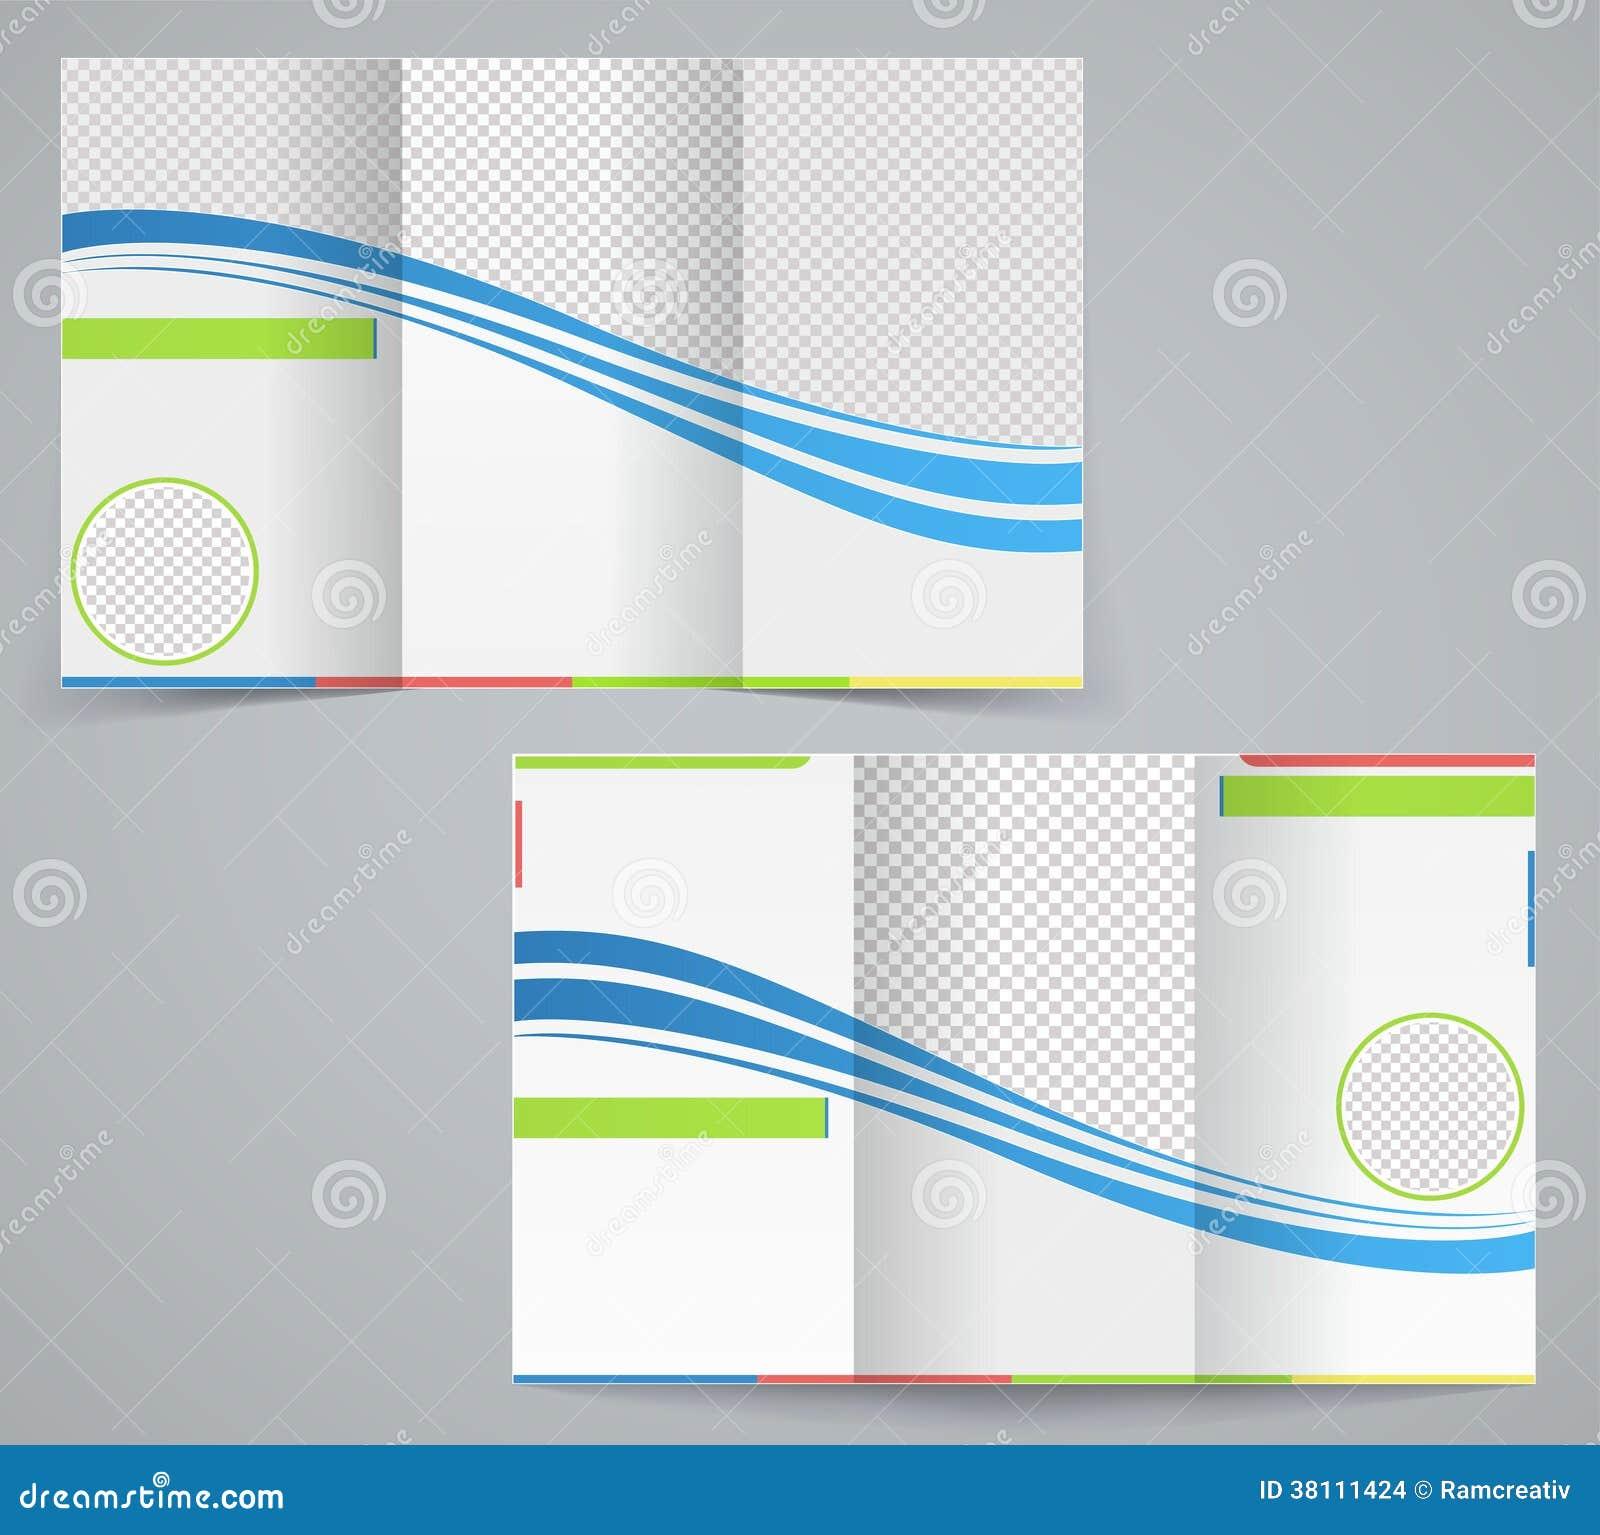 Tri Fold Business Brochure Topl Tk